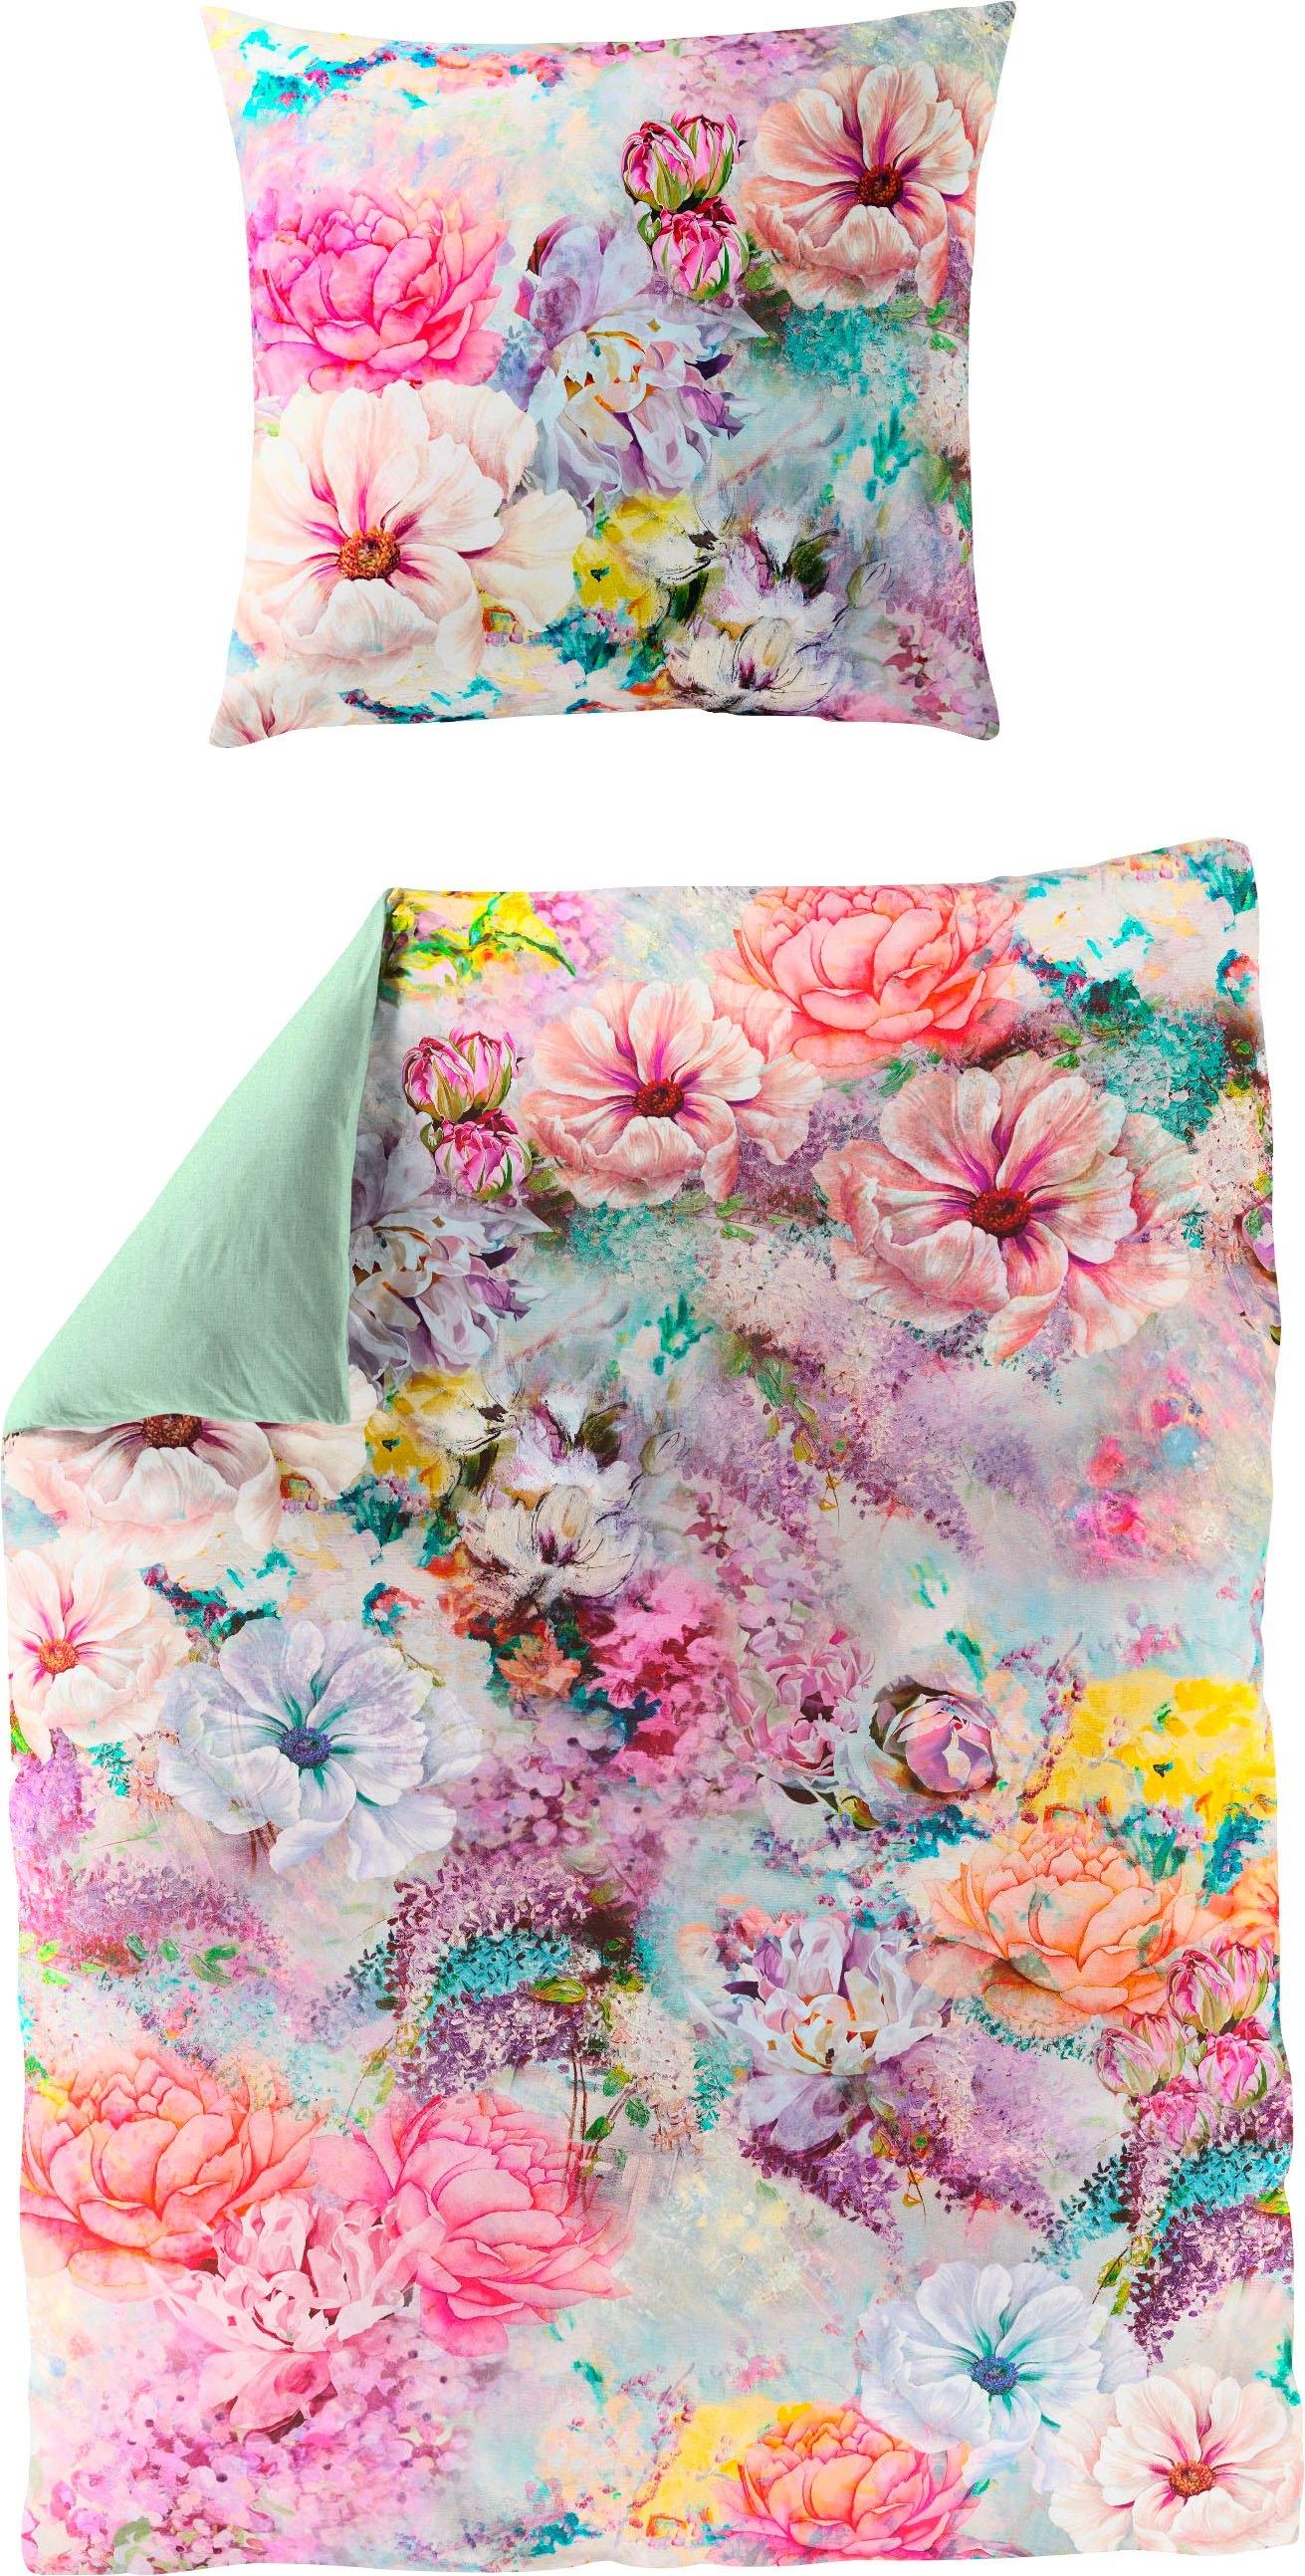 BIERBAUM tweezijdig te gebruiken overtrekset Colorful Flowers met gebloemde digitale print (2-delig) - gratis ruilen op otto.nl